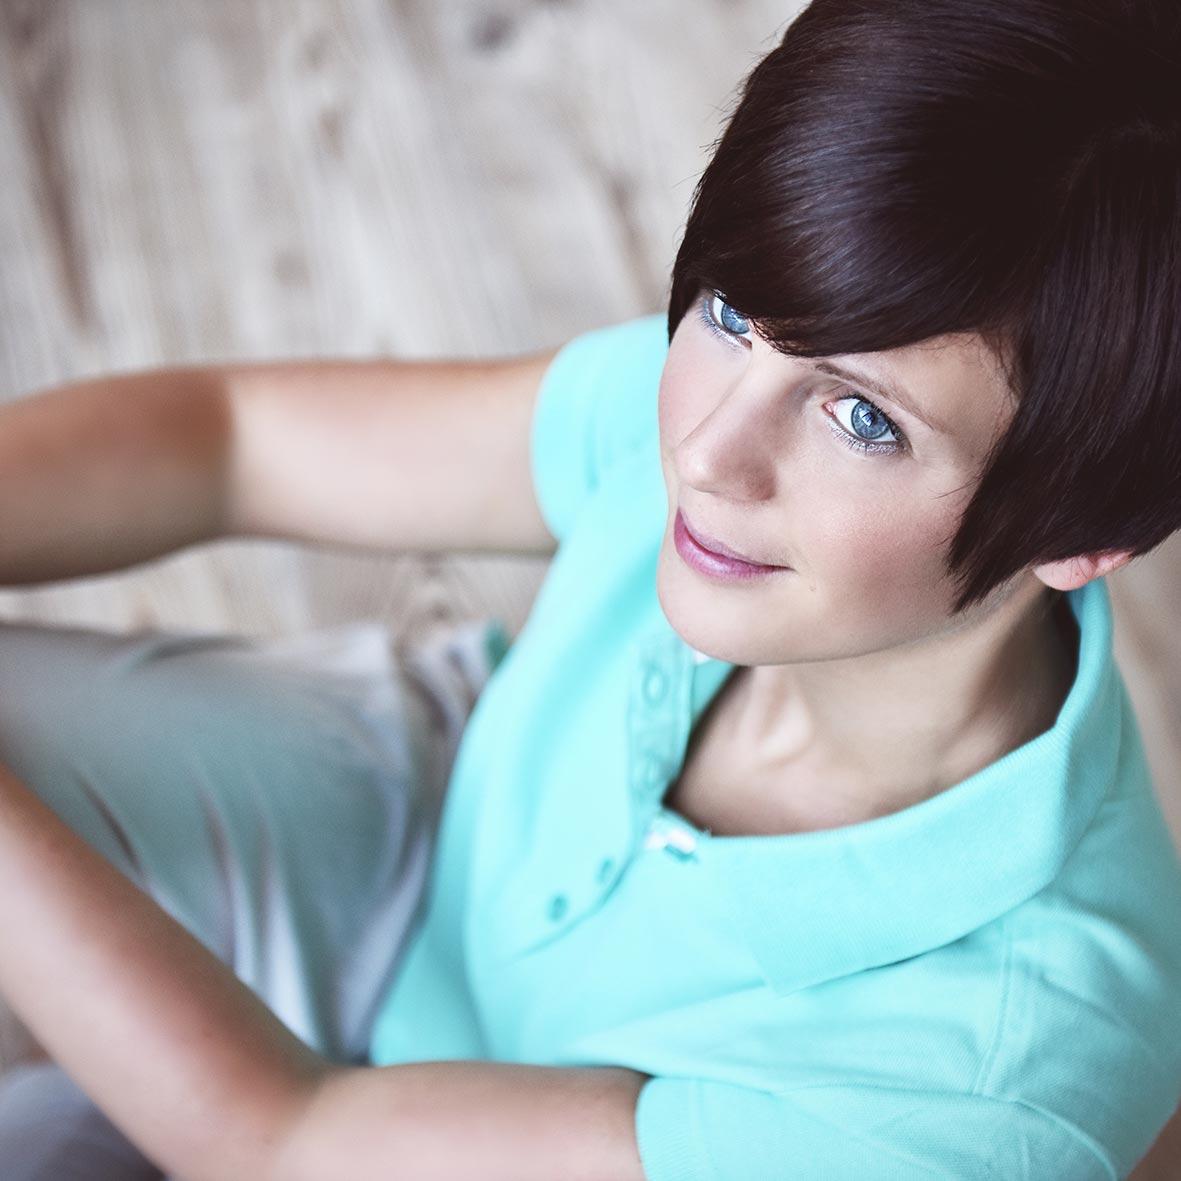 Sarah Kappes